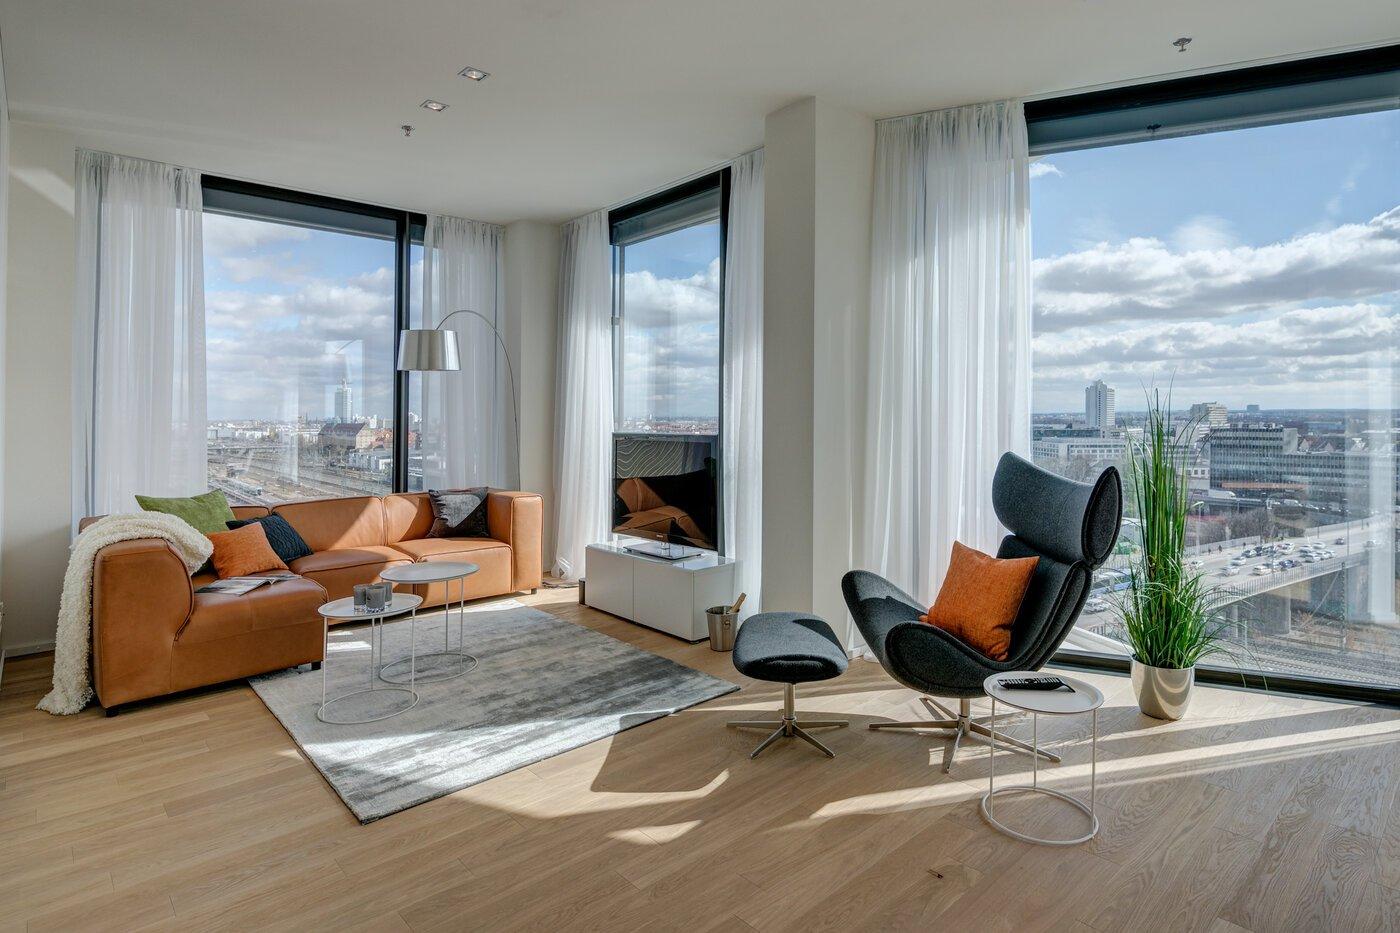 4-Zimmer Wohnung | möbliert | Concierge | München-Nymphenburg | 10451